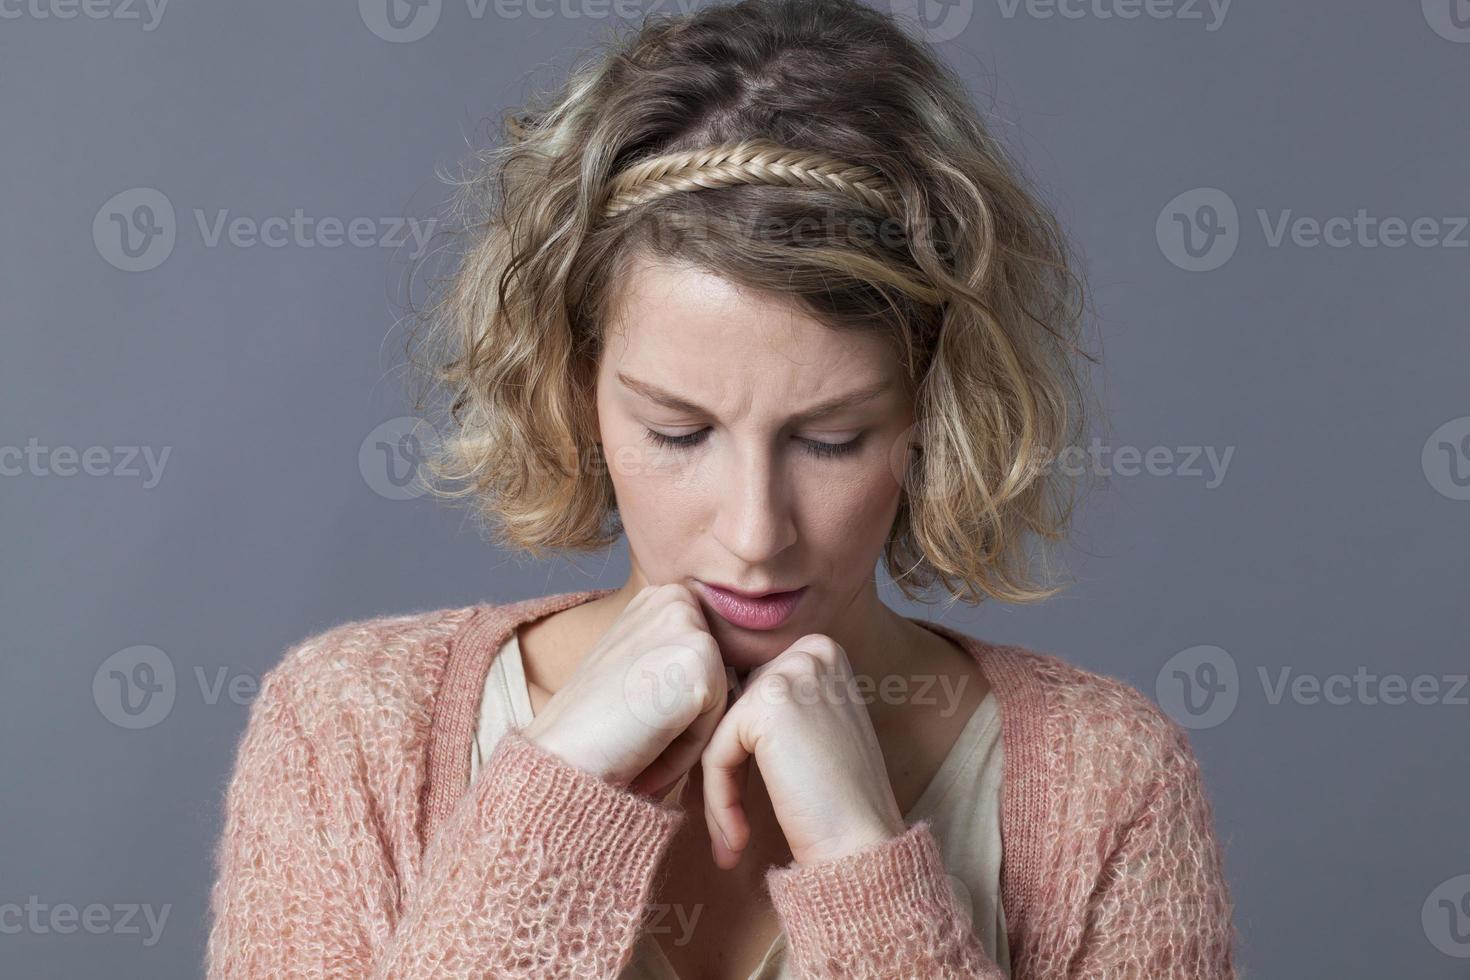 mürrisches junges blondes Mädchen, das schmollt und nach unten schaut foto